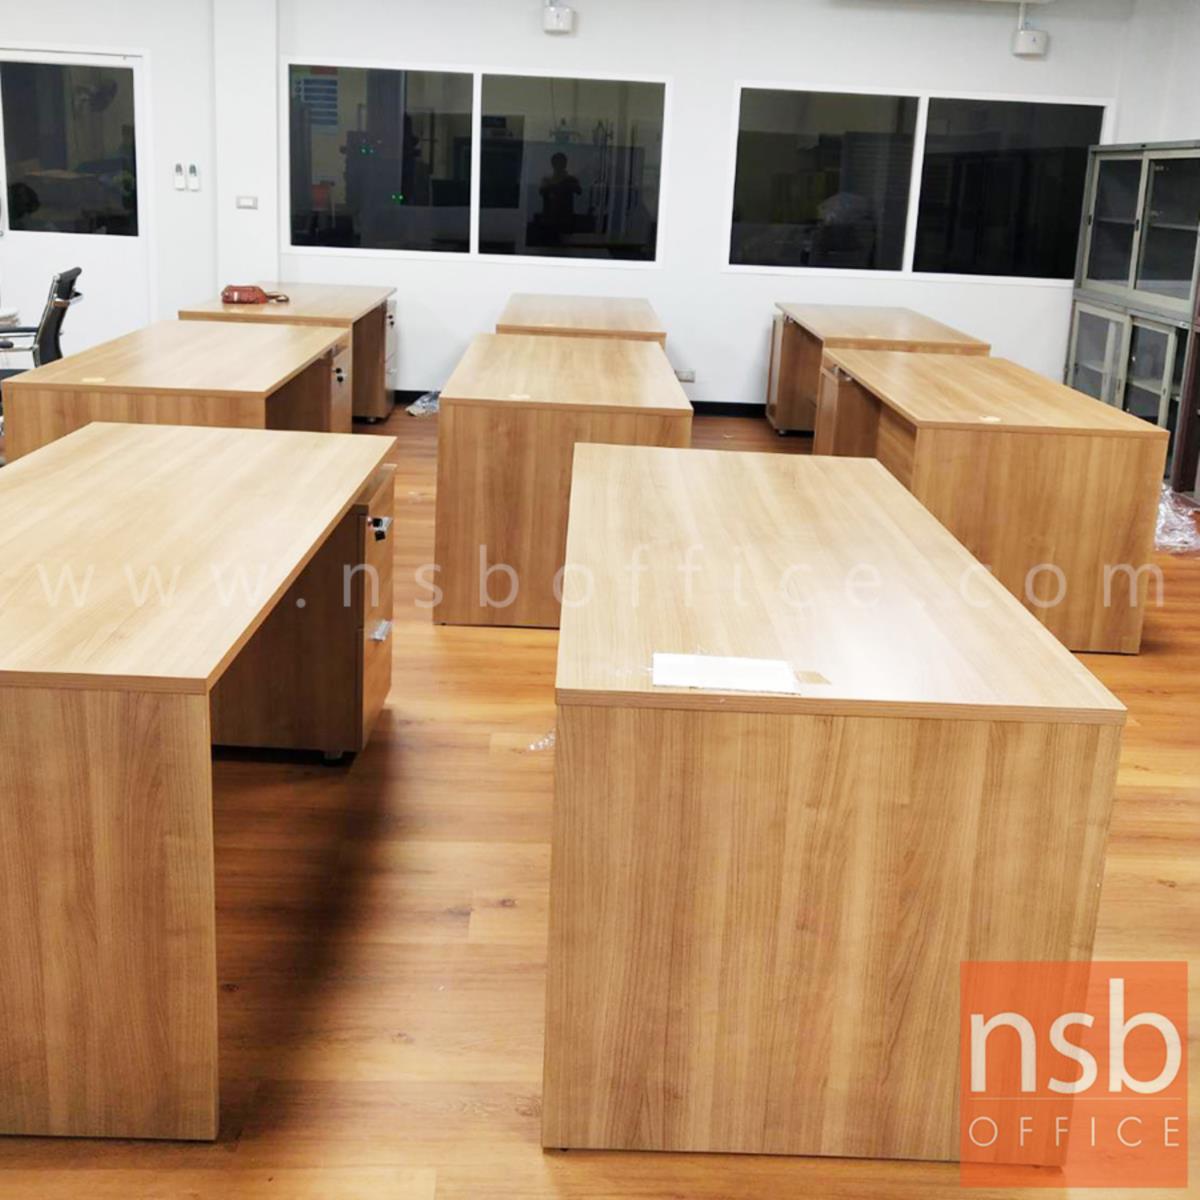 โต๊ะทำงาน 2 ลิ้นชัก รุ่น MN-YW180 ขนาด 160W cm. เมลามีน